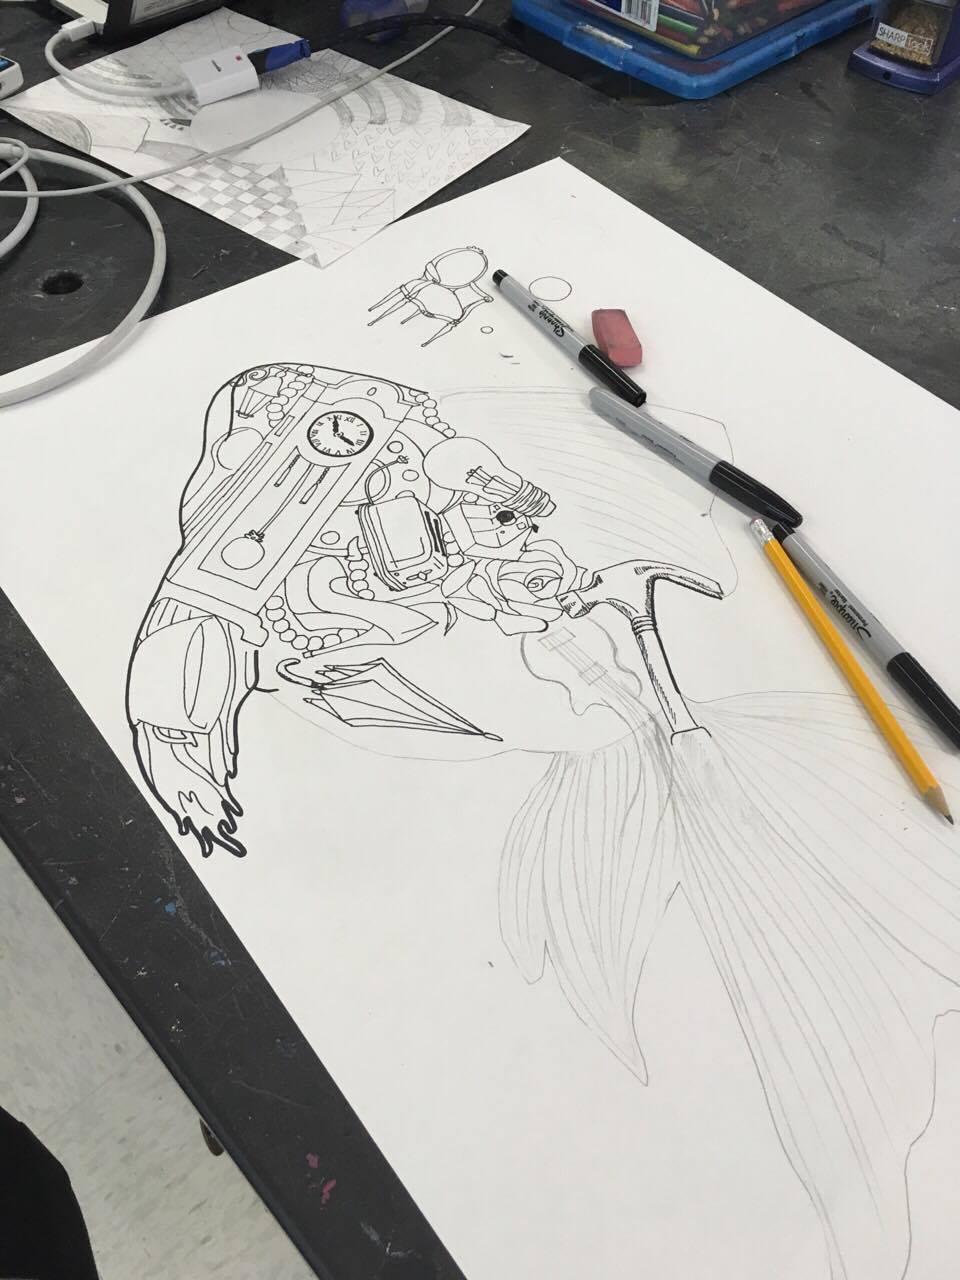 Drawings by Kalissa Bearden